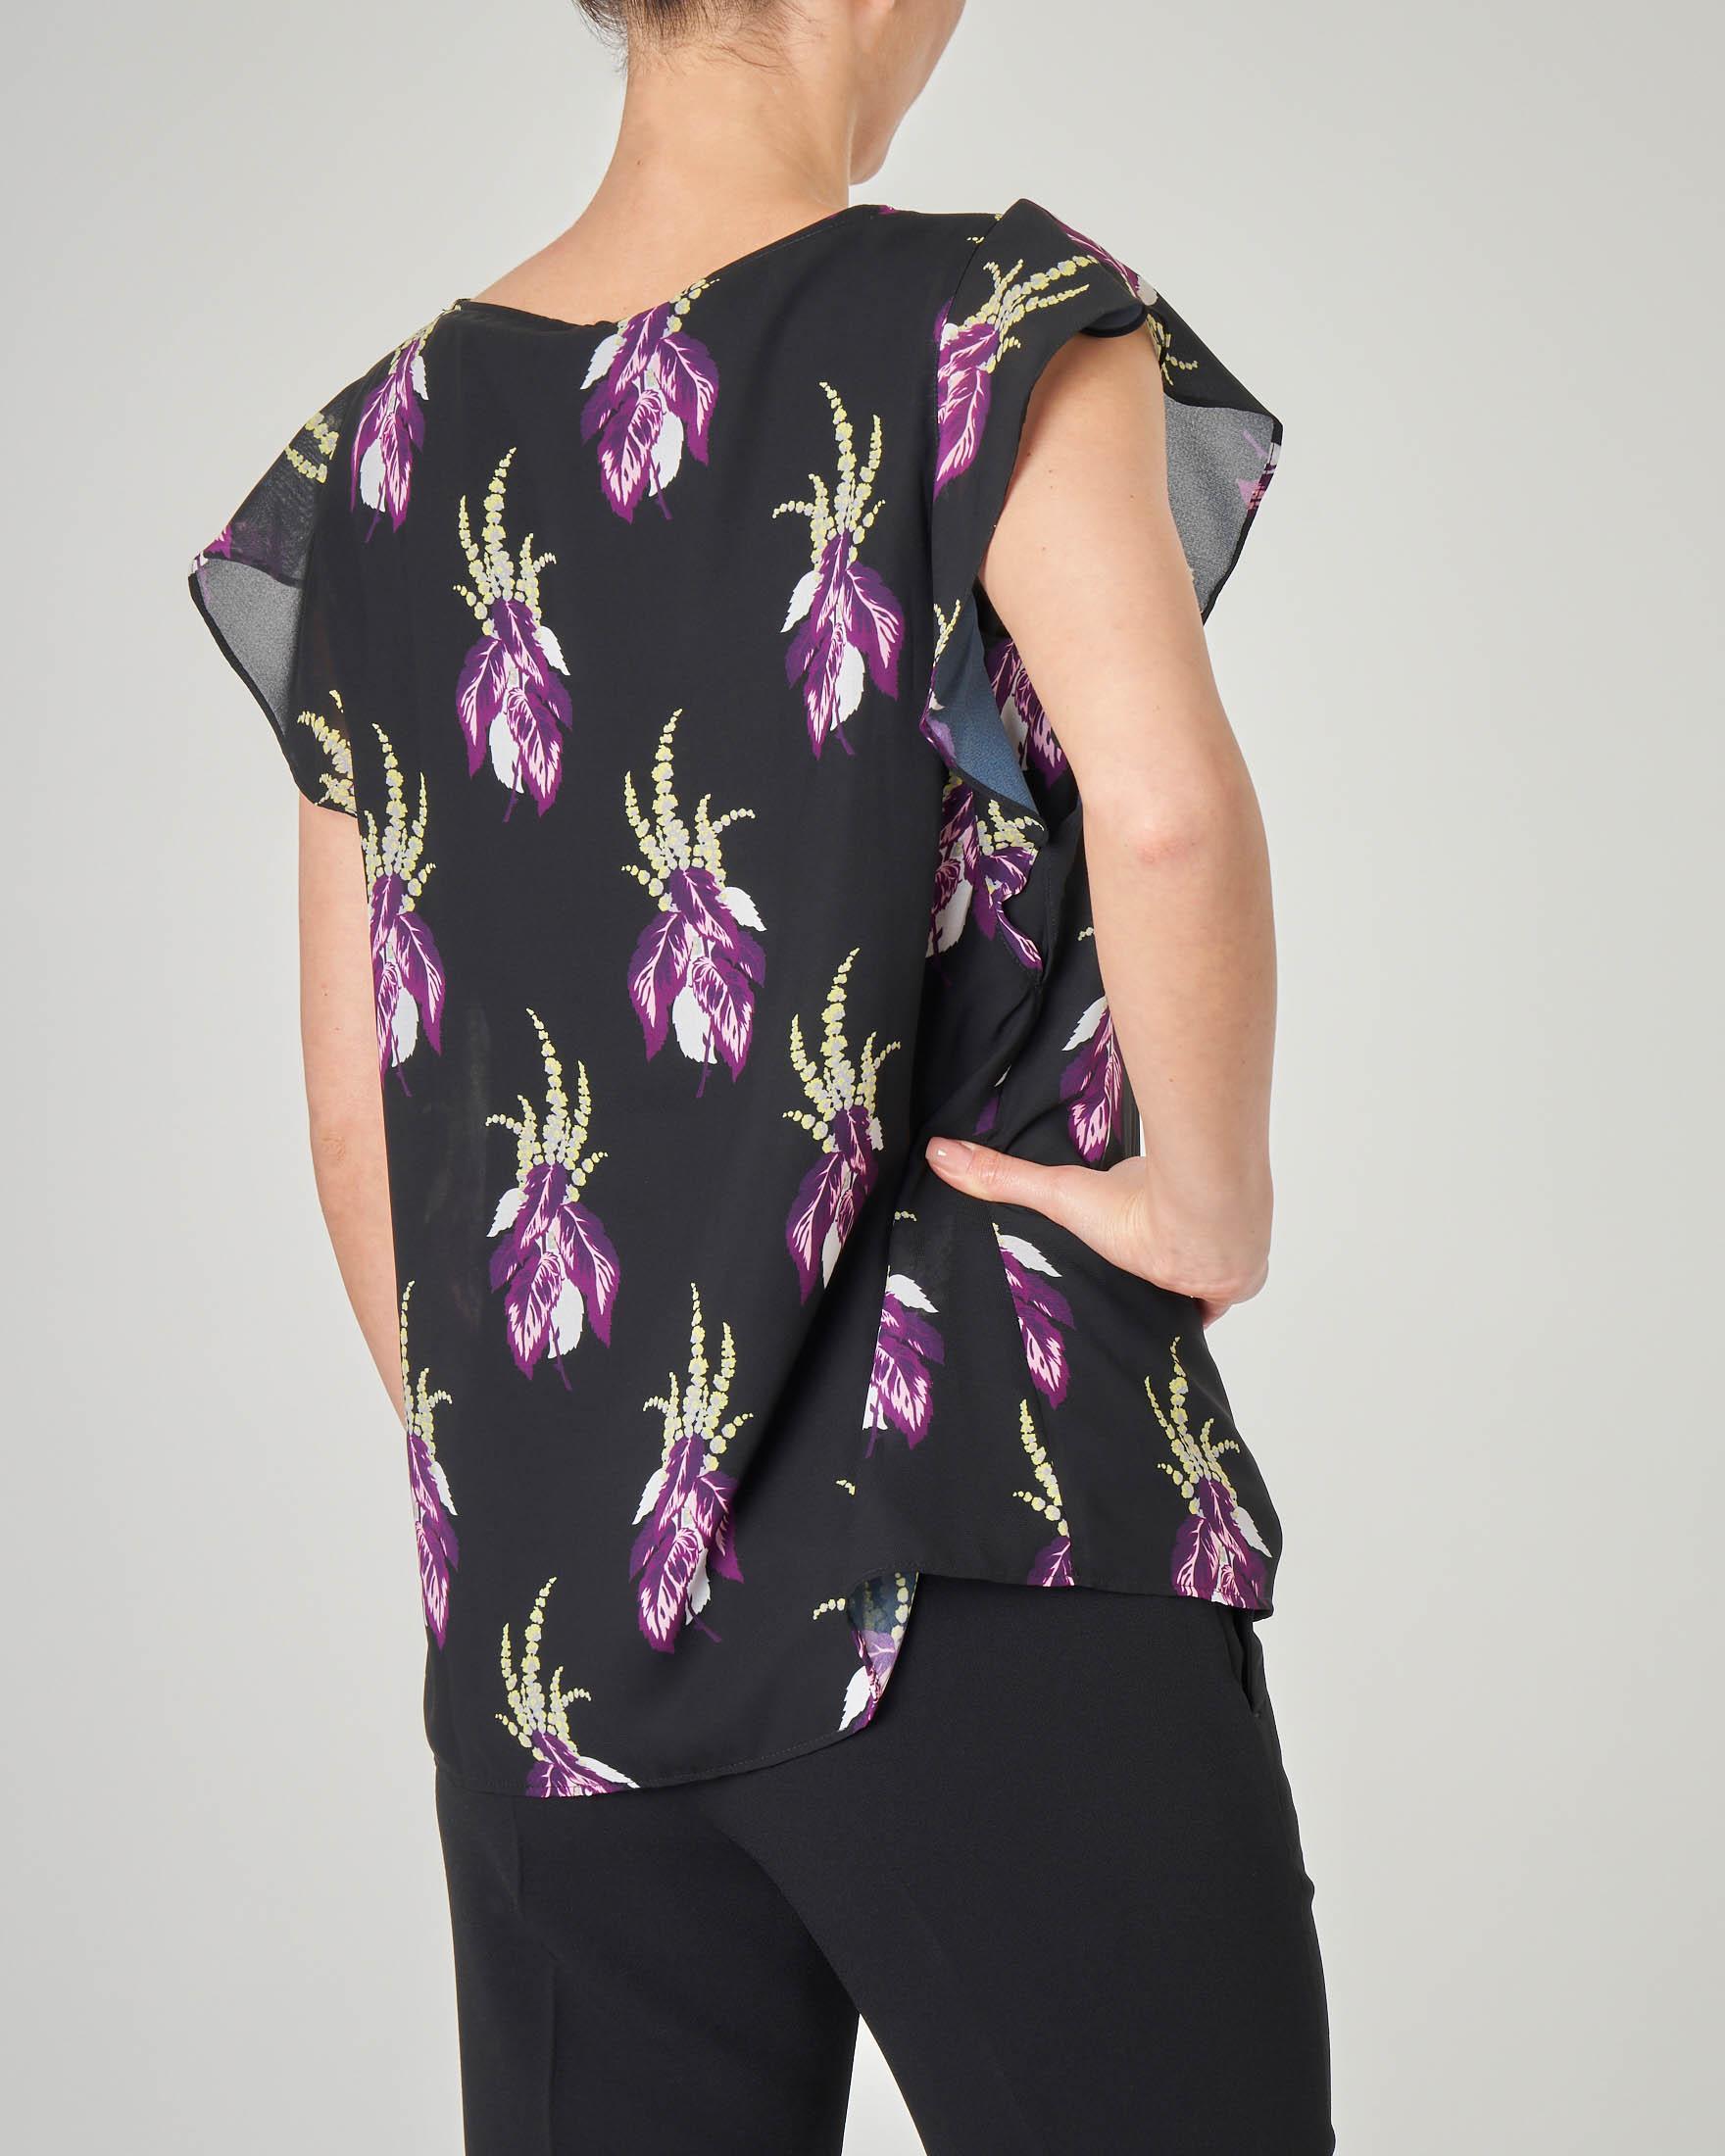 Blusa girocollo nera a fantasia floreale viola con maniche a volant